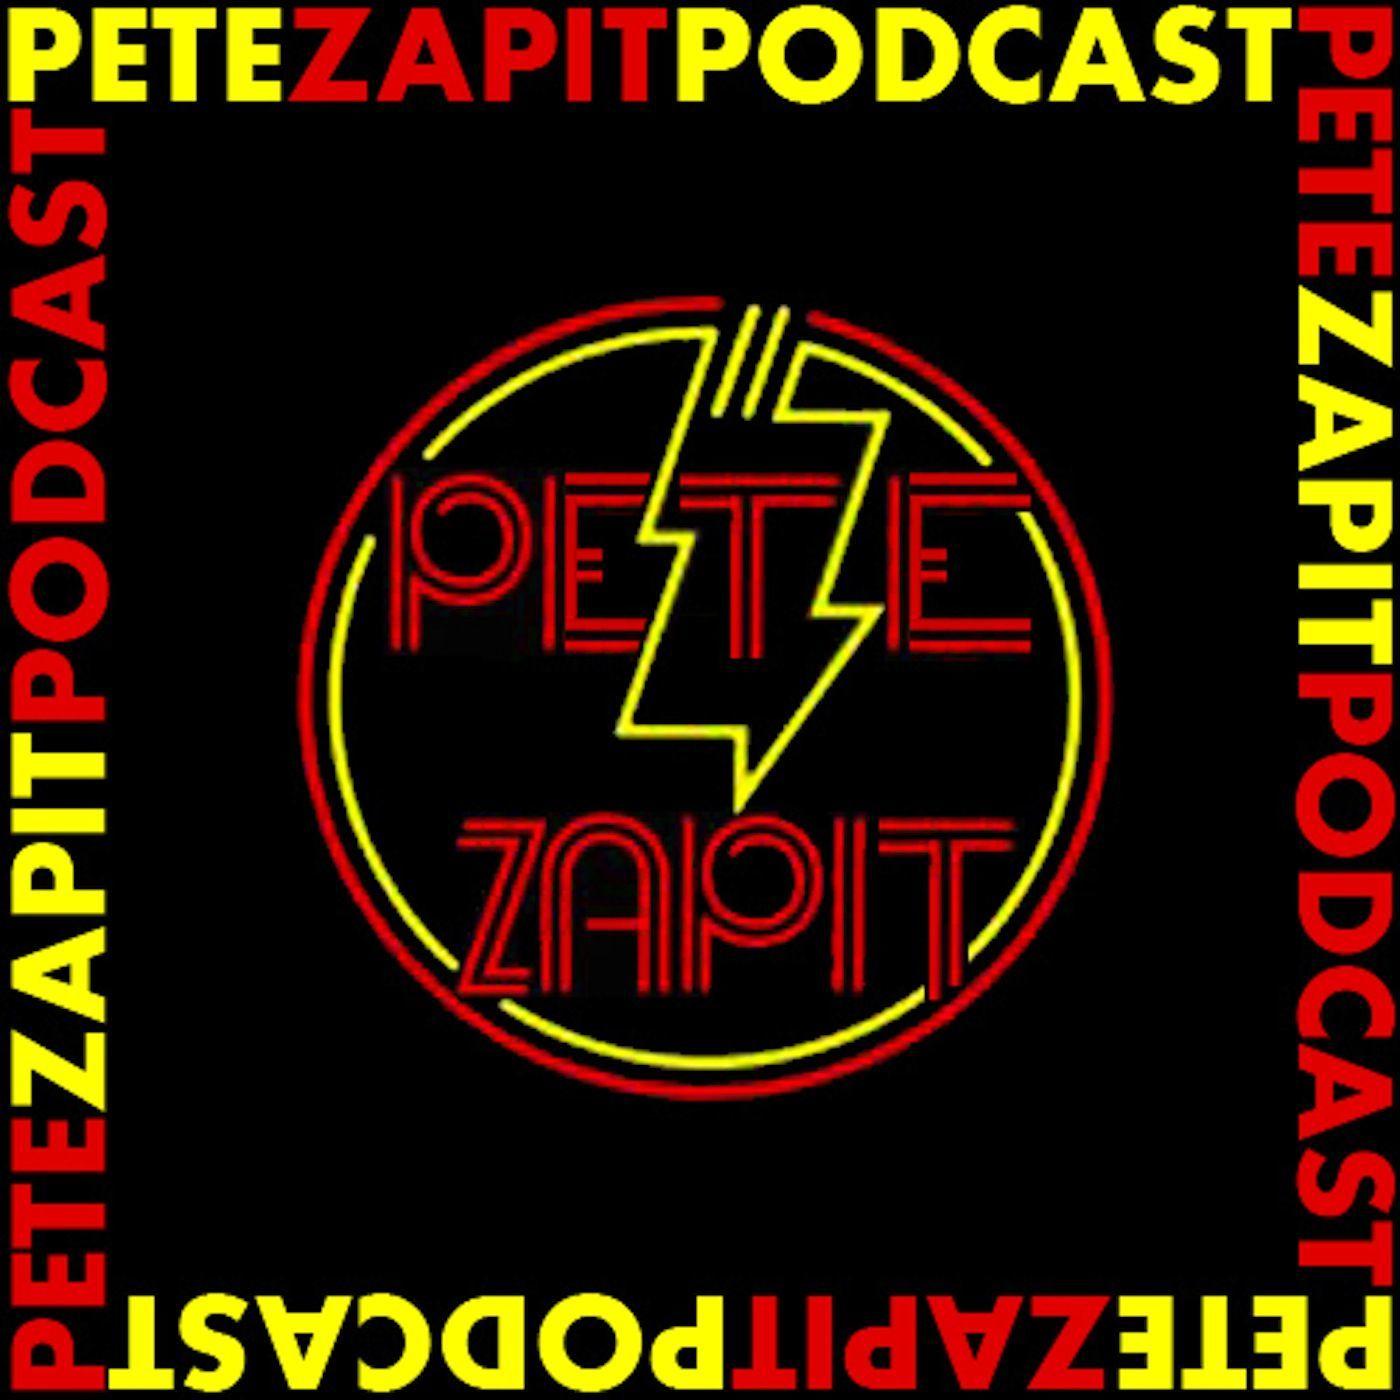 The Pete Zapit Podcast   Podbay